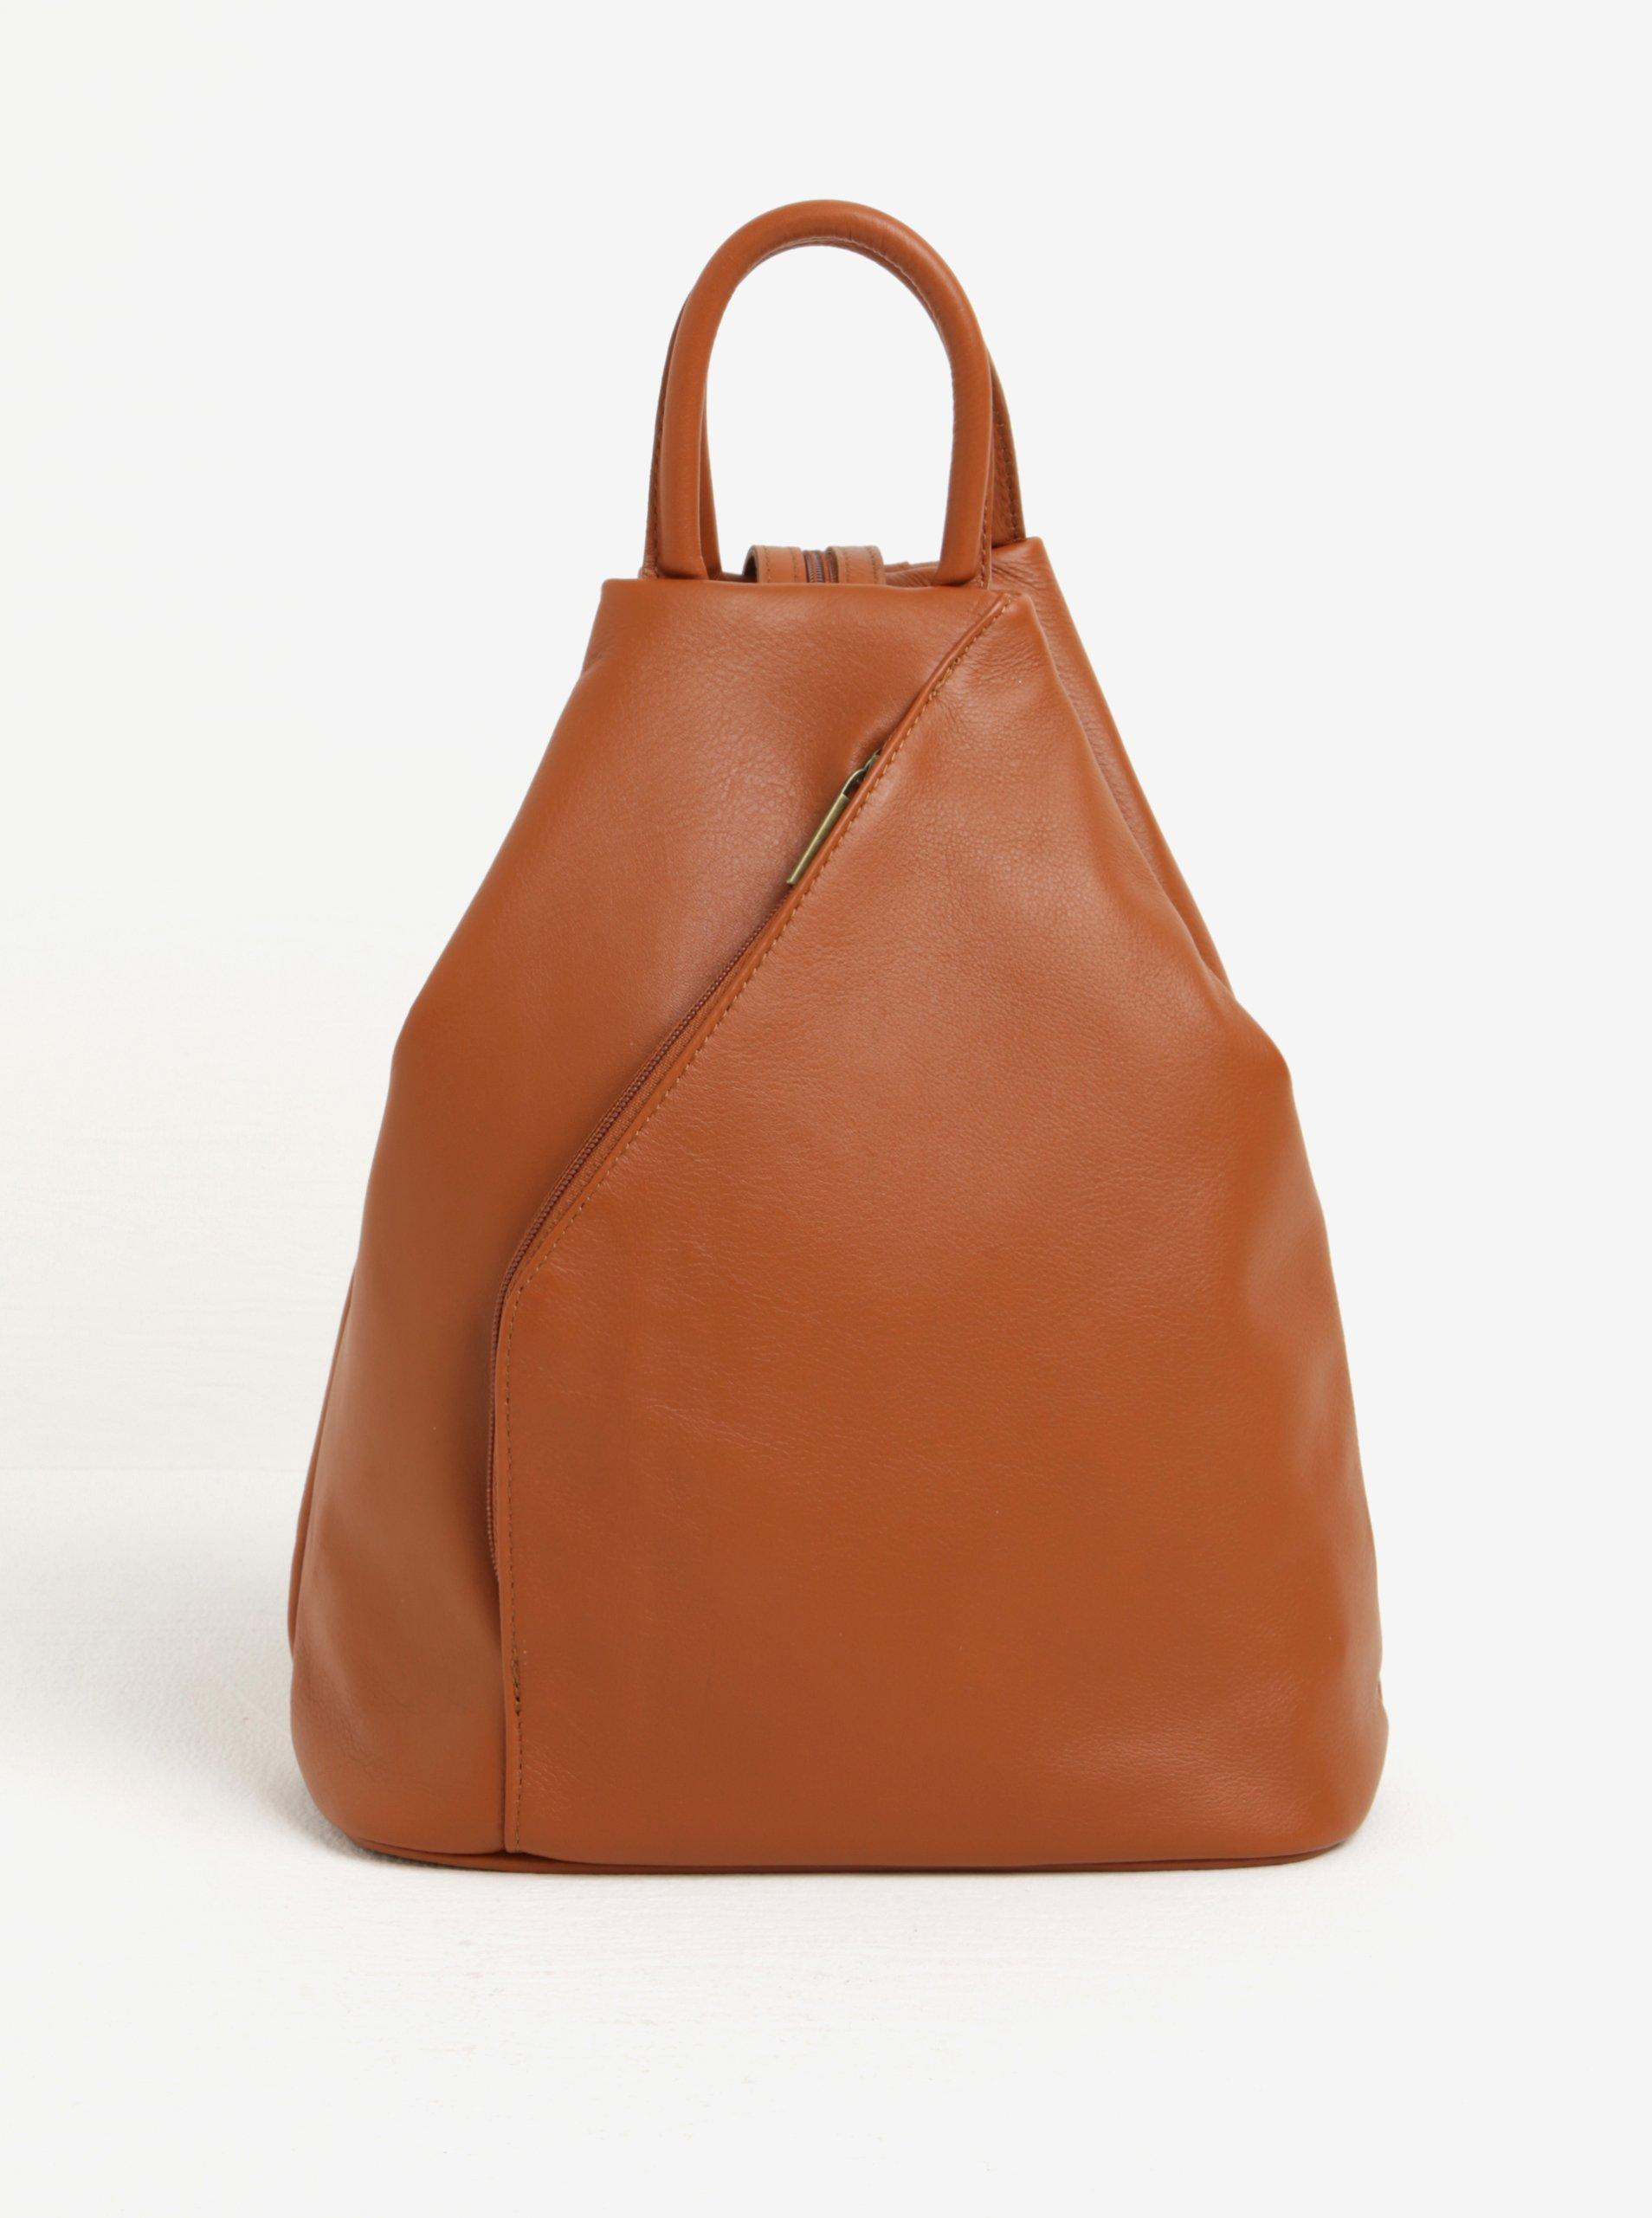 Hnedý dámsky kožený batoh KARA f2da88c55b